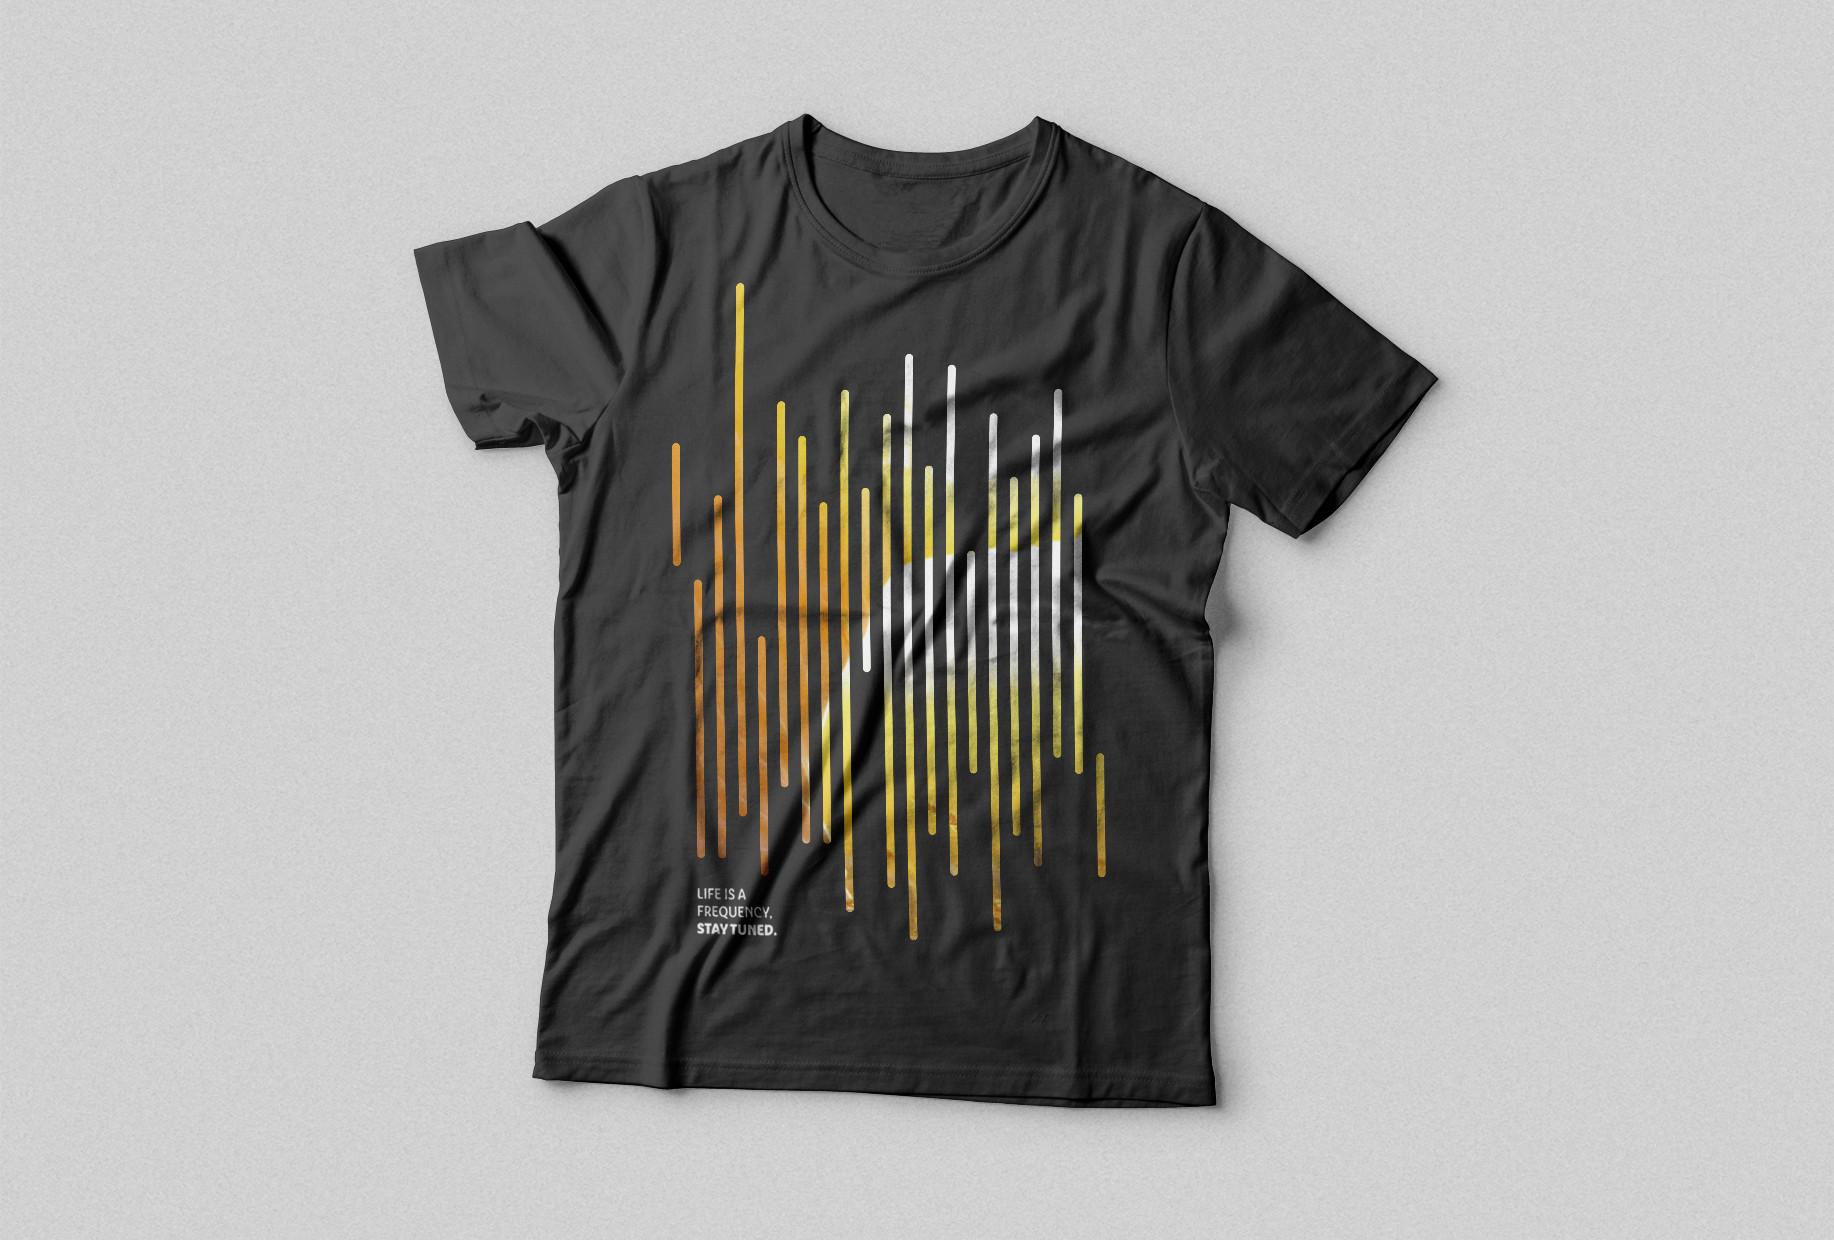 הילינג מיוזיק - חולצה 2.JPG